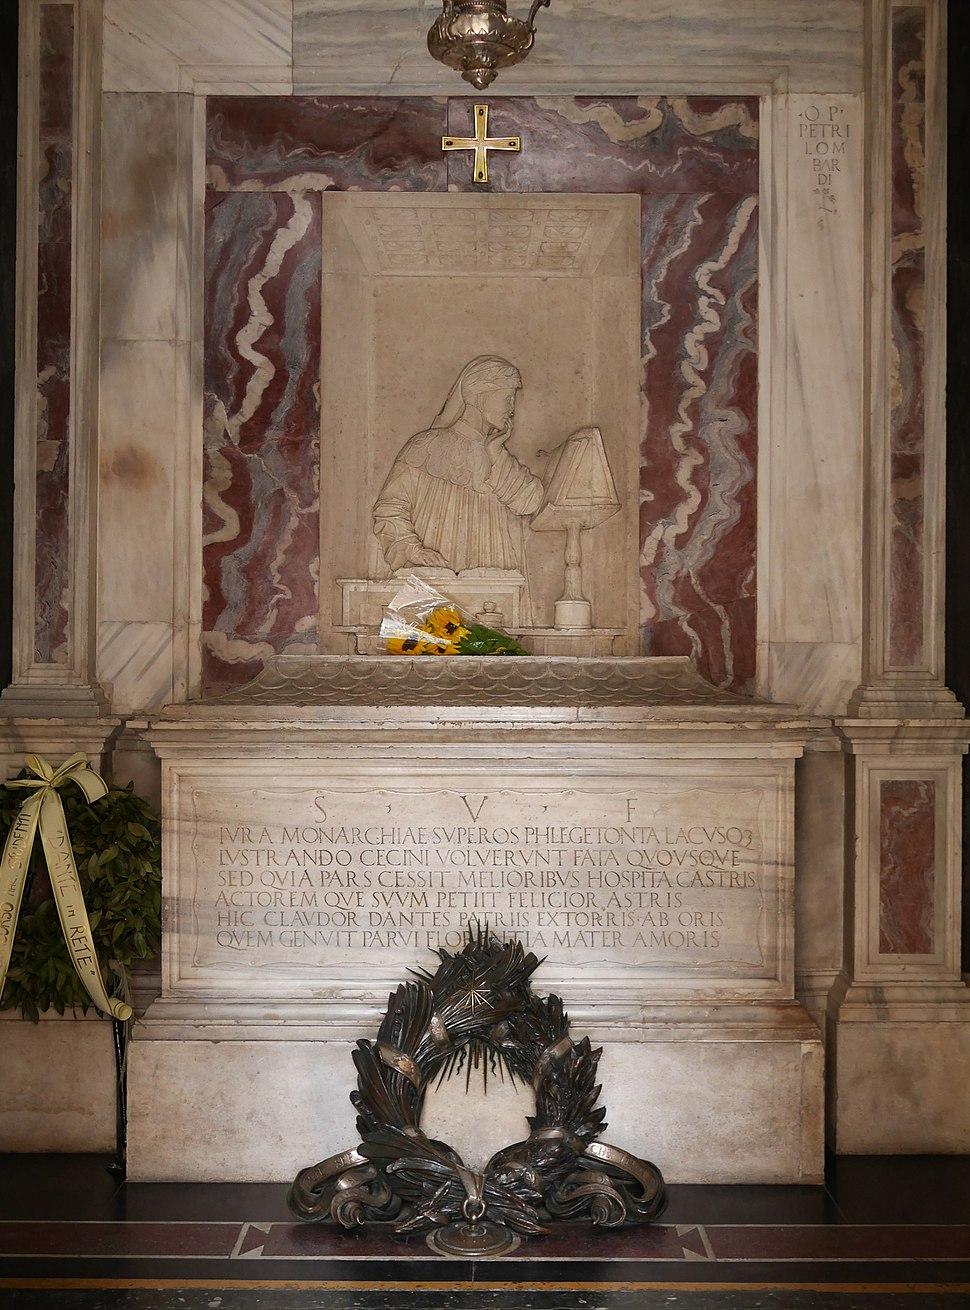 Dante Alieghri tomb in Ravenna (interior)